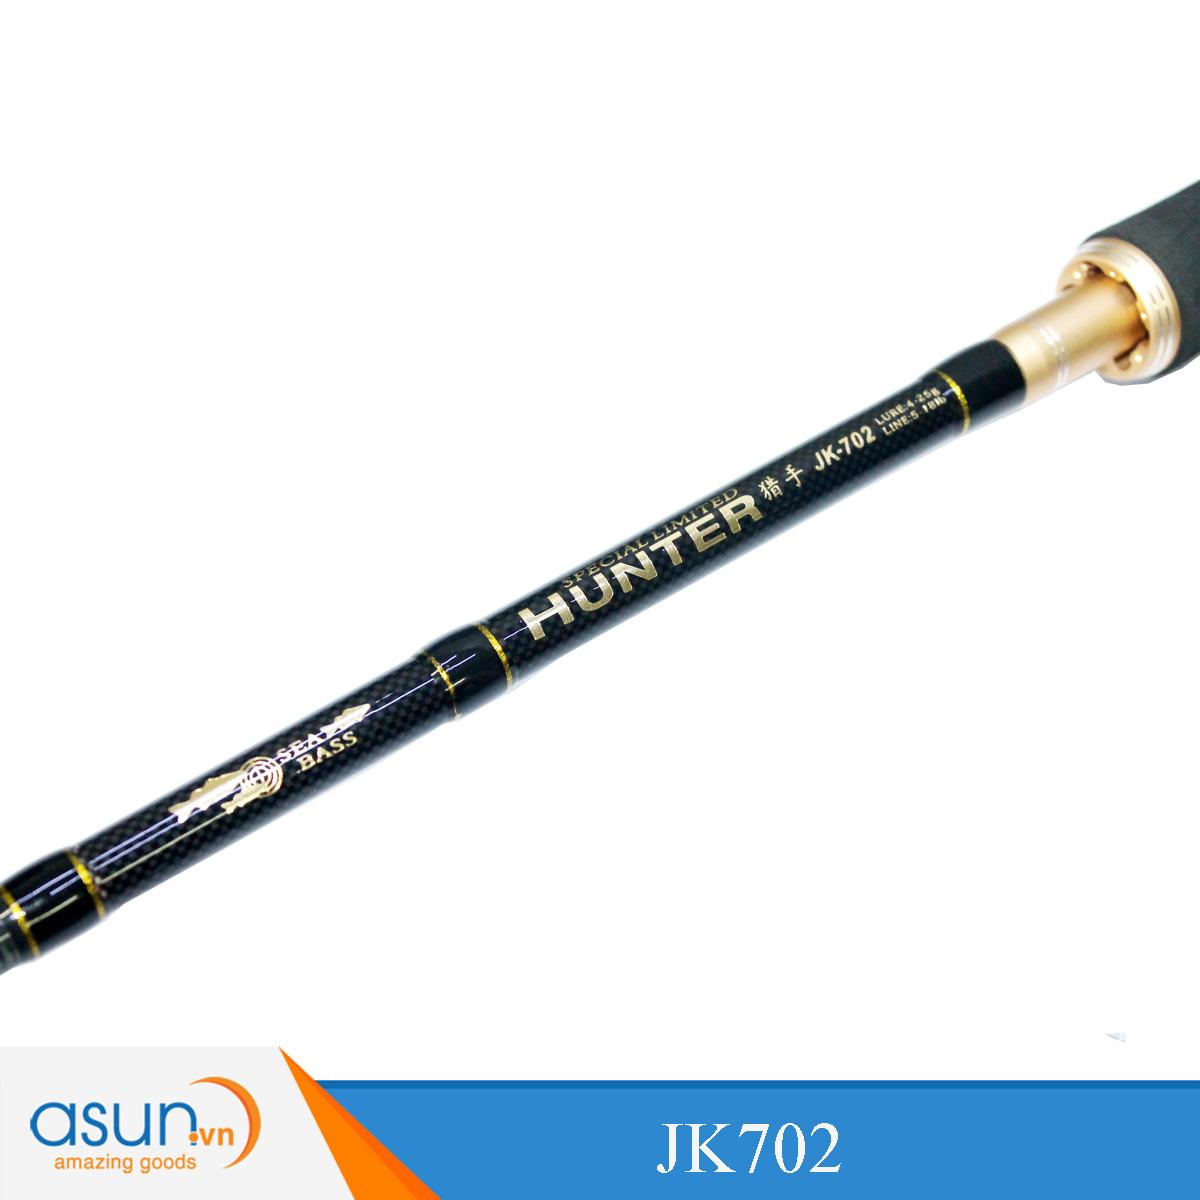 Bộ Combo Cần Ngang Ashino Hunter 2m1 - Máy Ngang Pro Hunter A Dây Bện và Mồi Lure